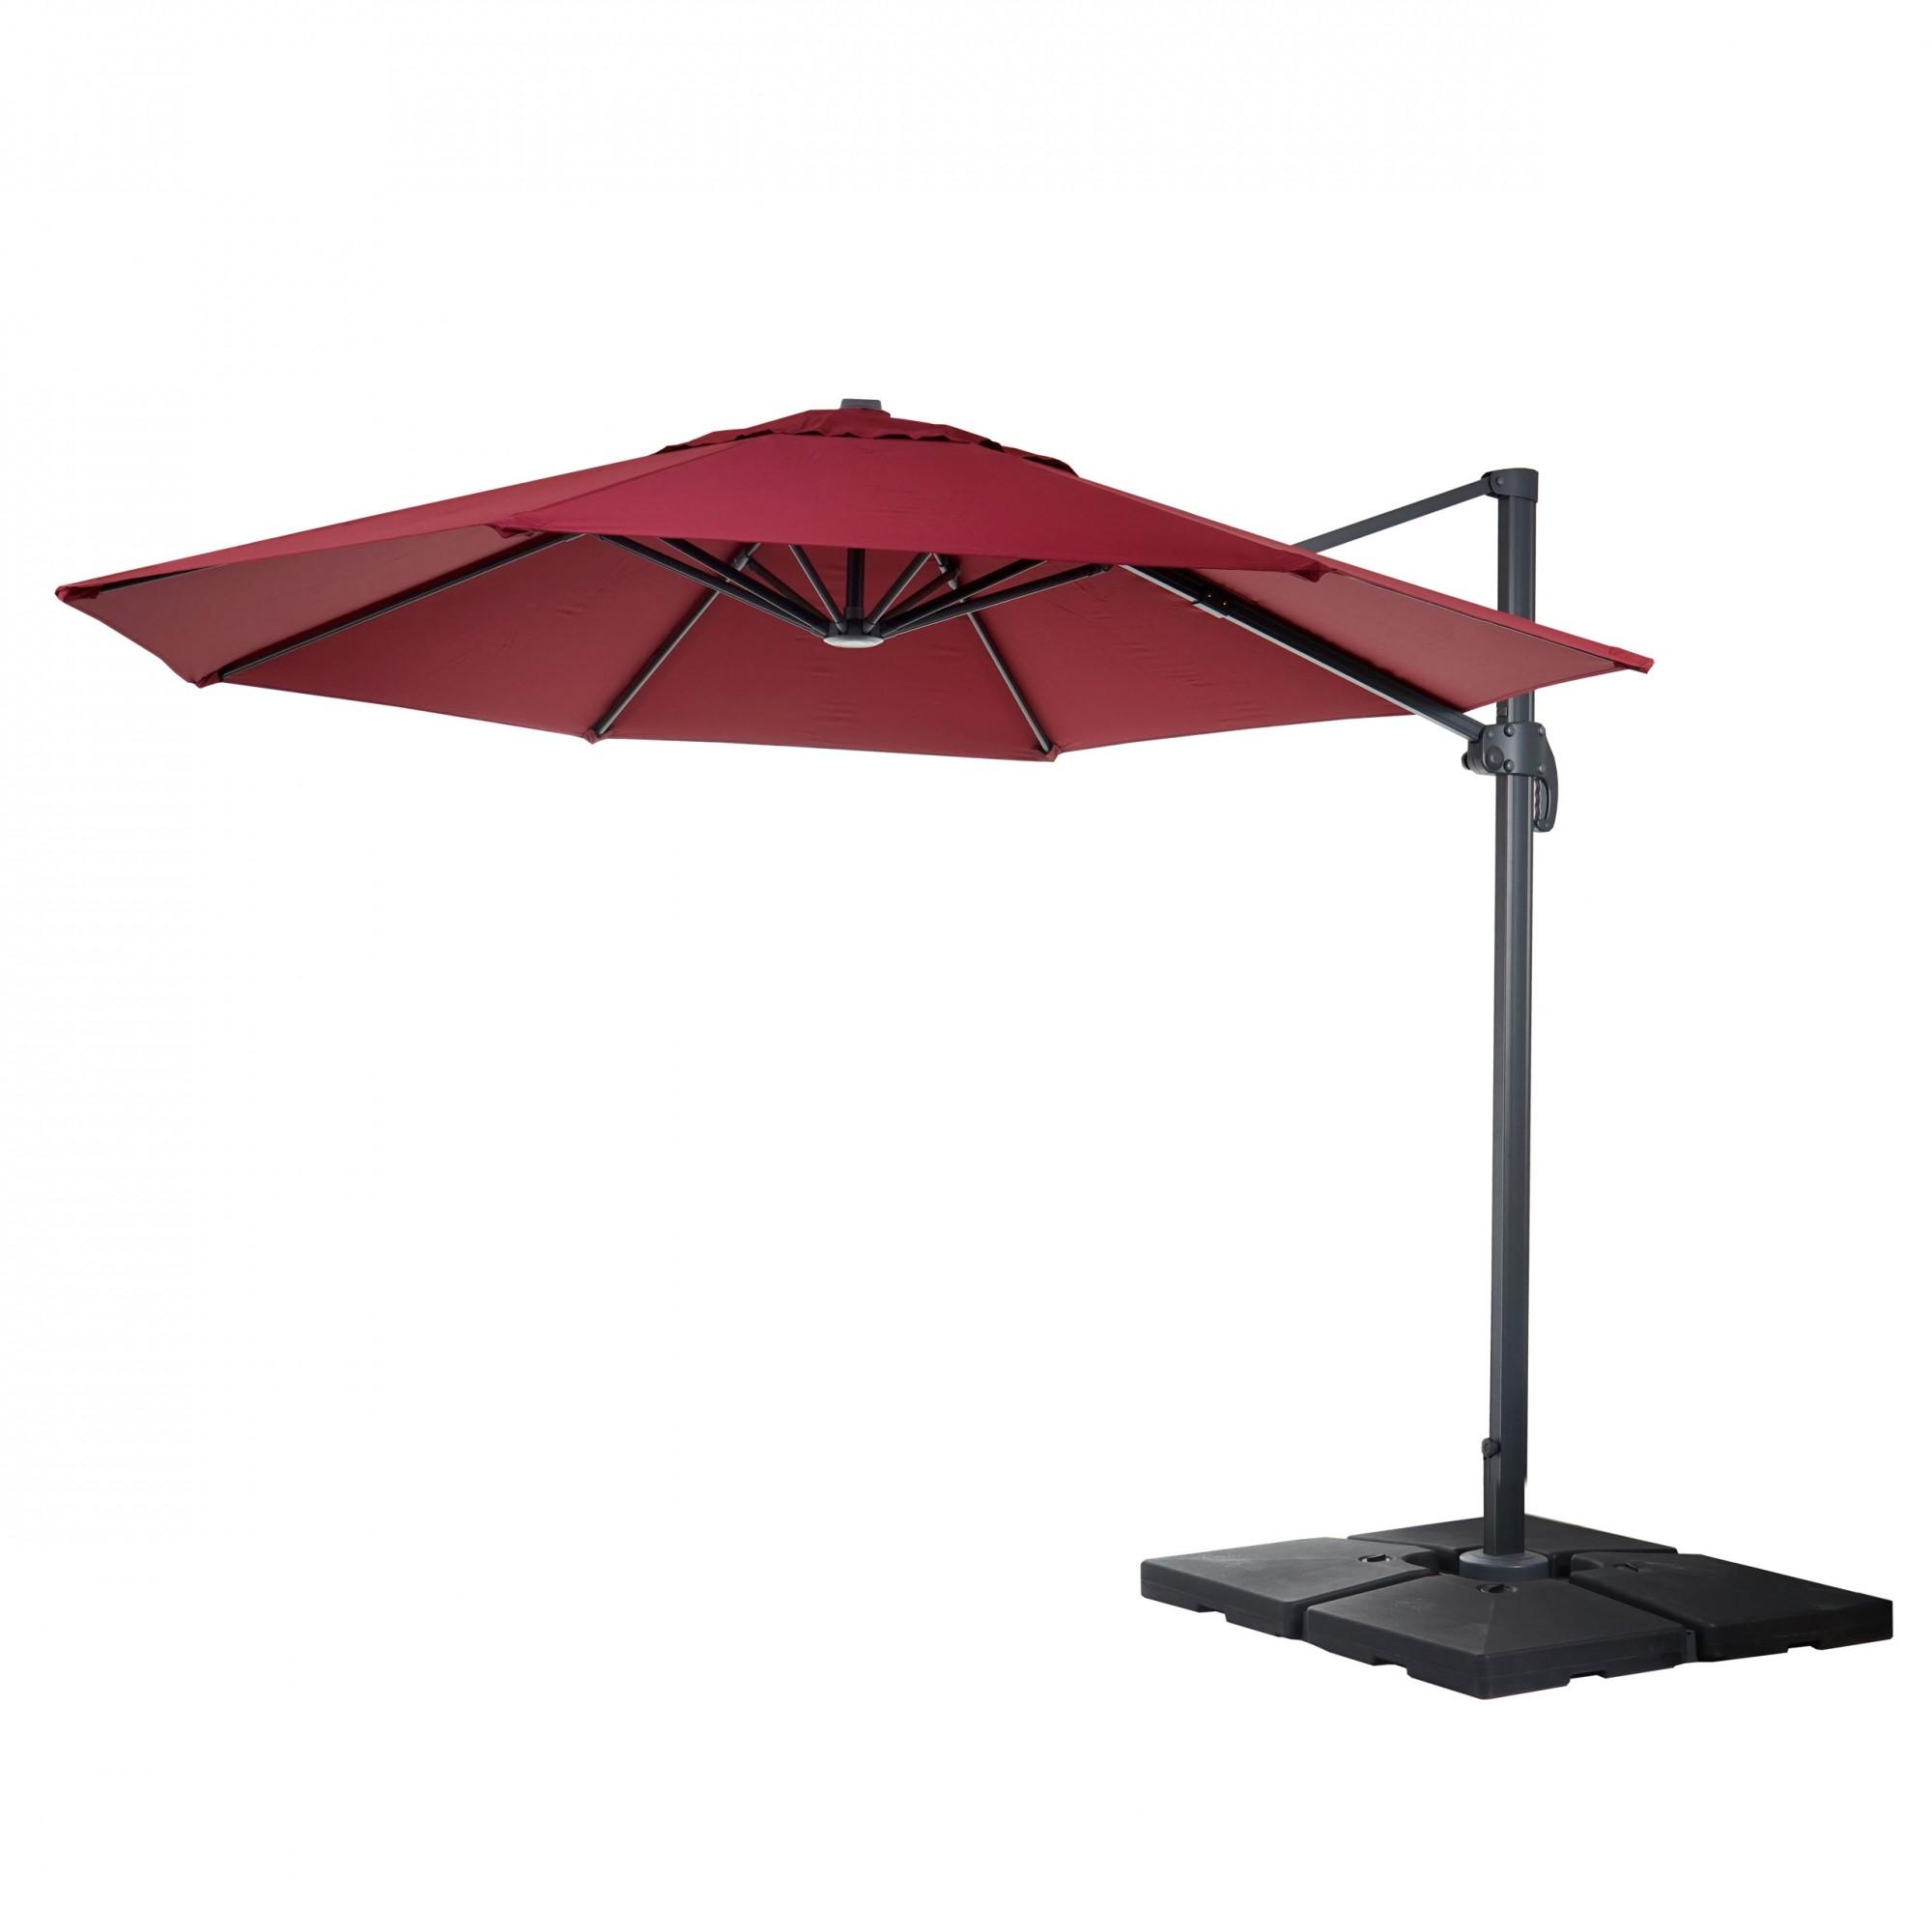 Sonnenschirm Garten Xxl Gastronomie luxus ampelschirm sonnenschirm ˜ 4m bordeaux mit